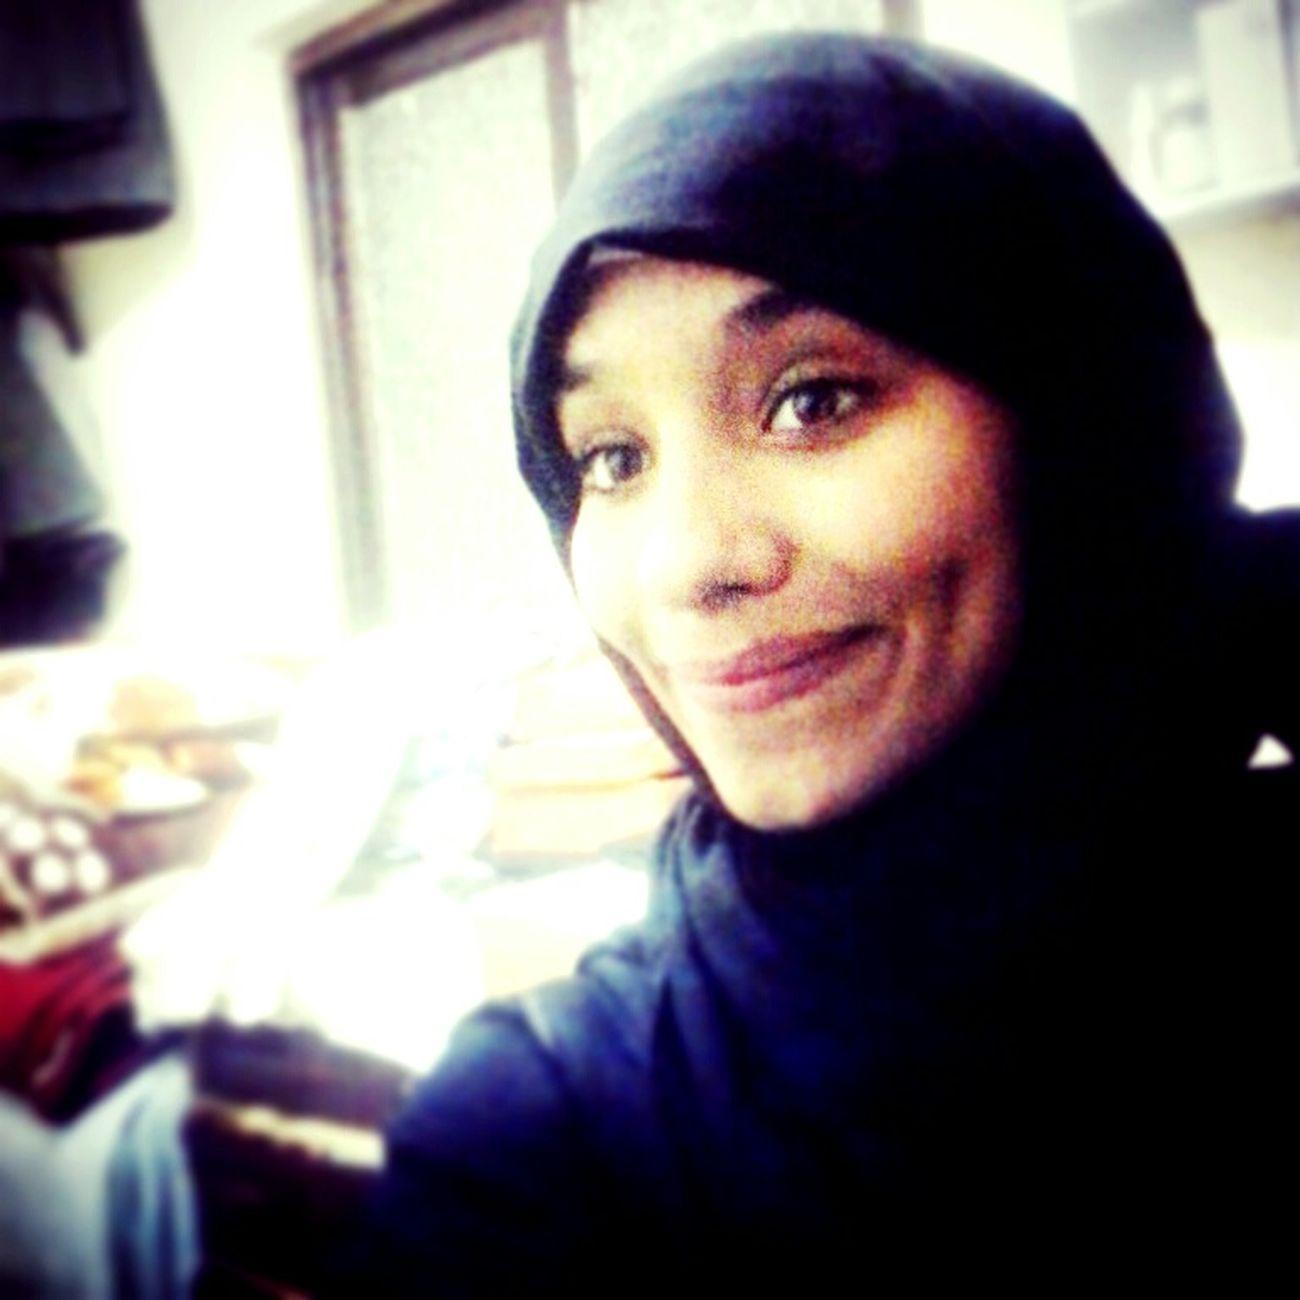 حجاب إسلام Muslimah #proudtobemuslim #selfie #me Selfie Proudly Moroccan